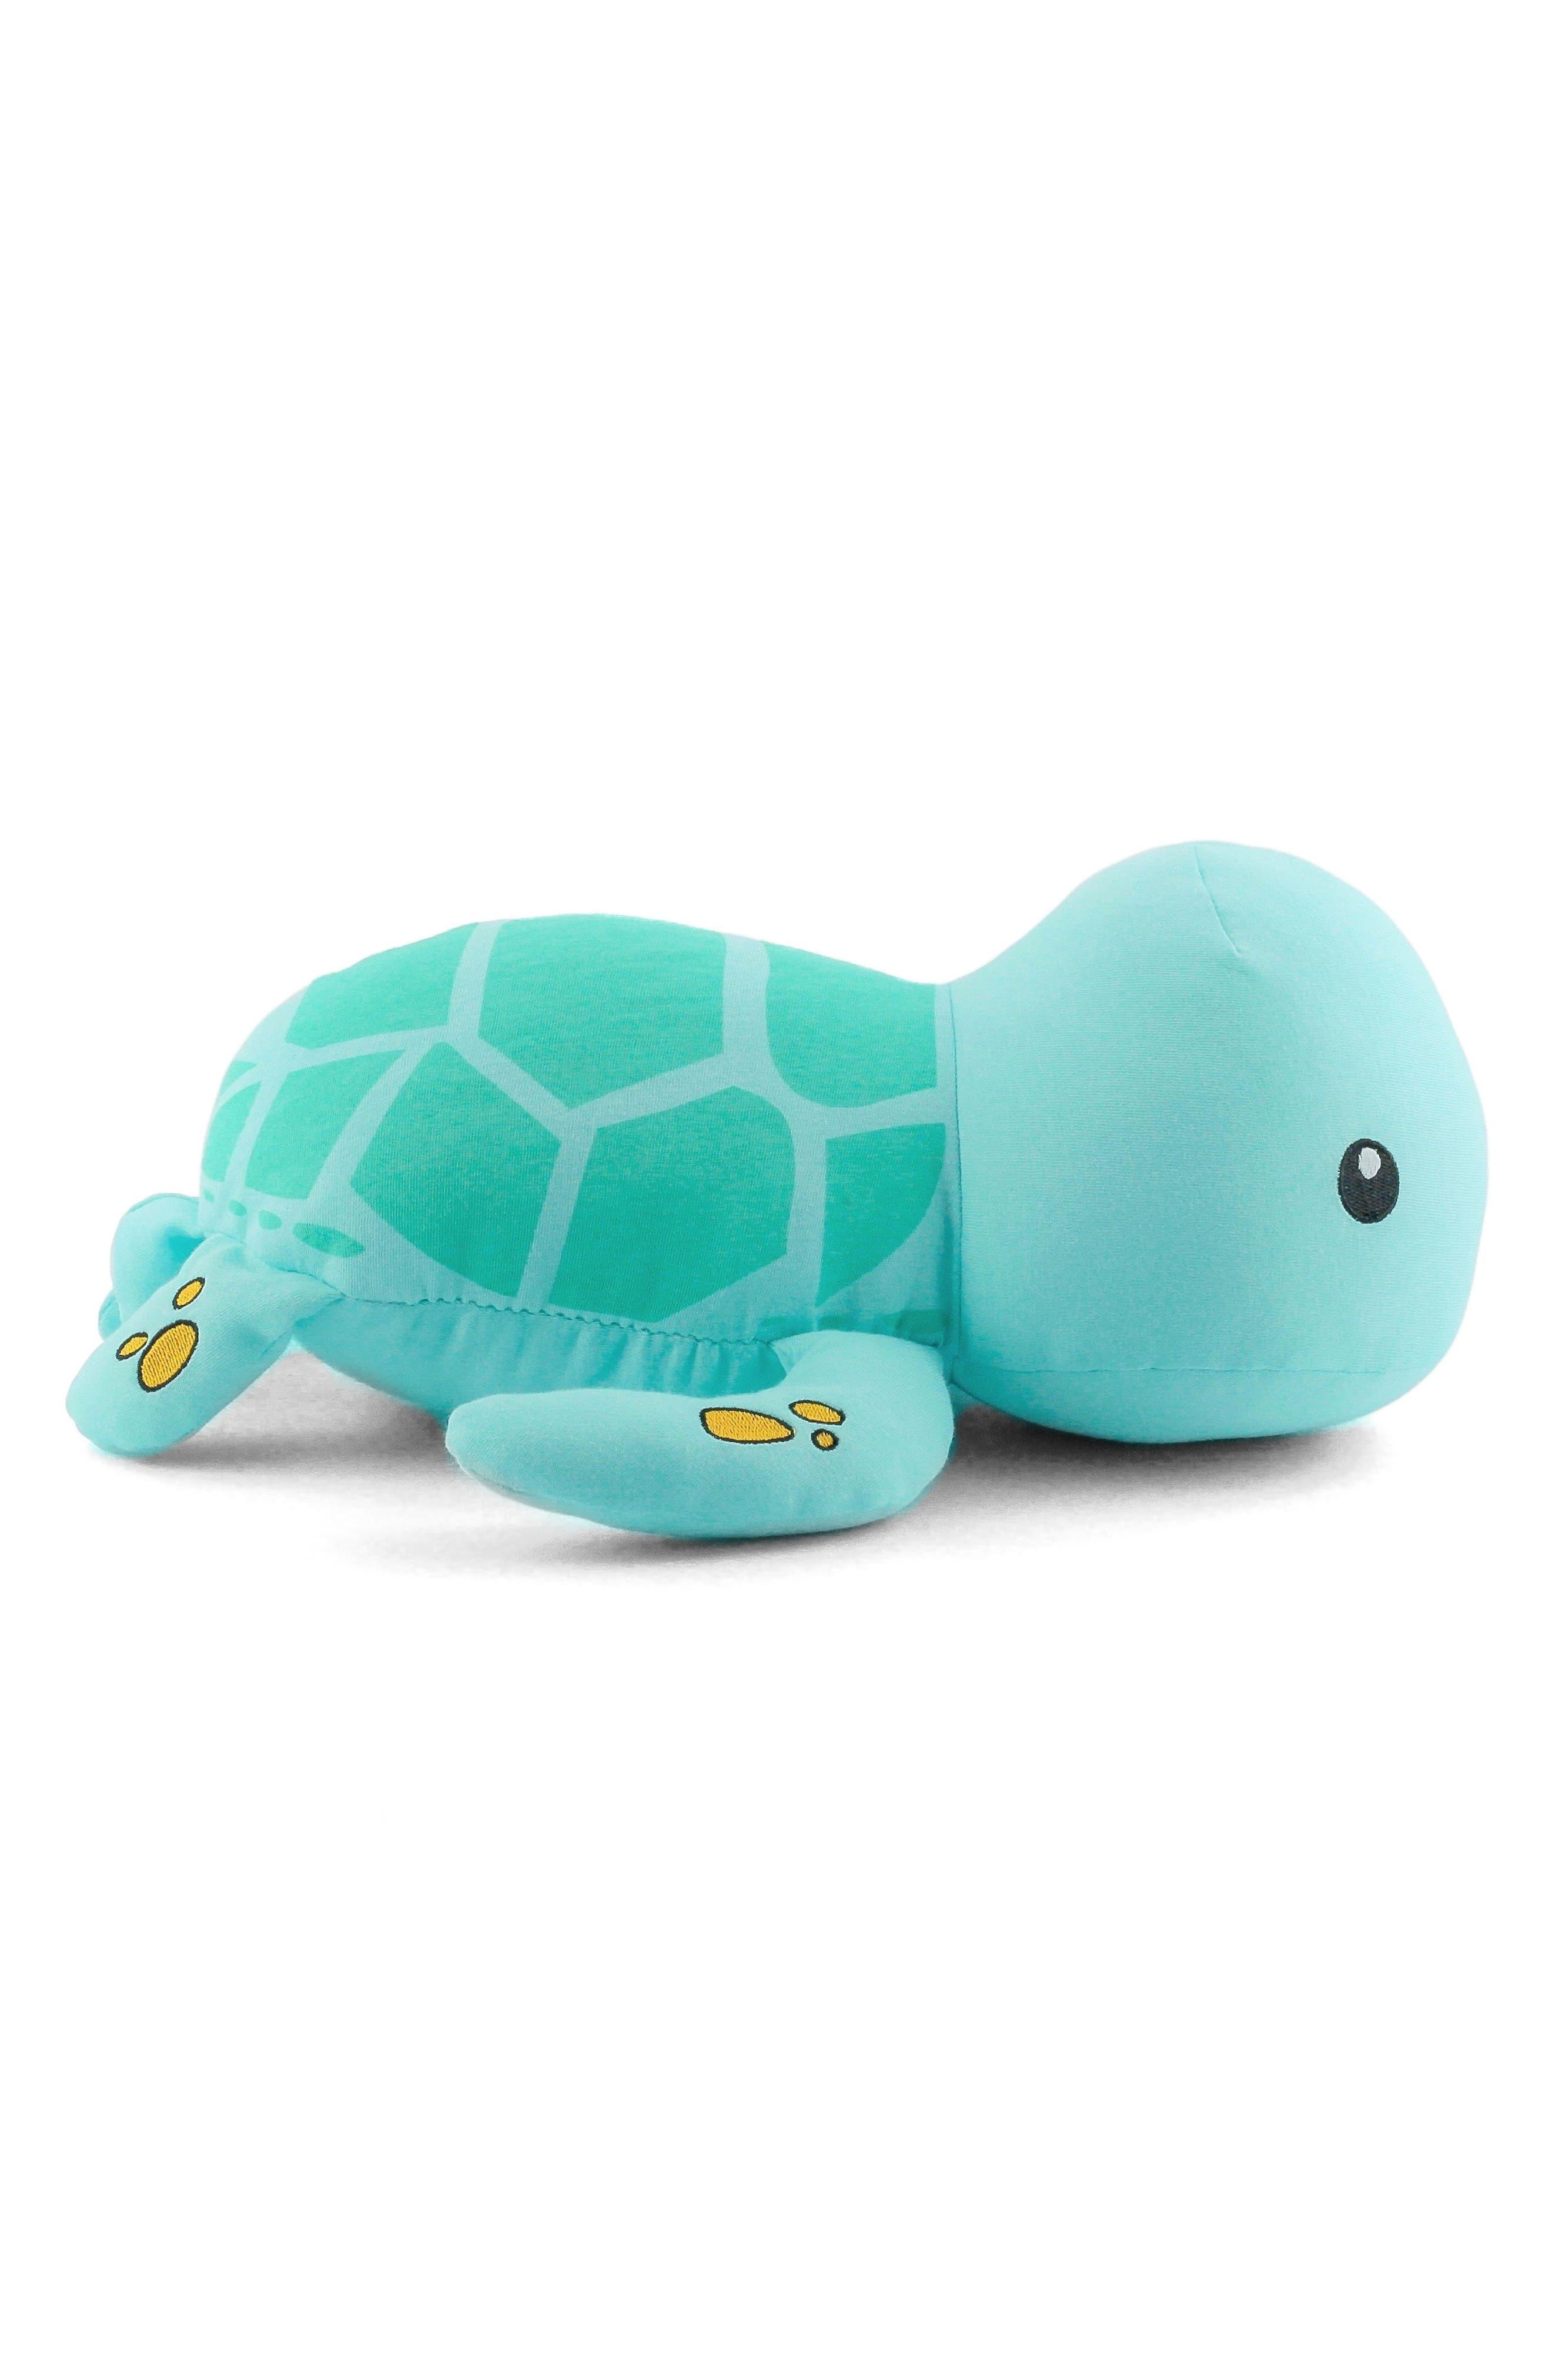 Elly Lu Organics Tucker Turtle Stuffed Animal